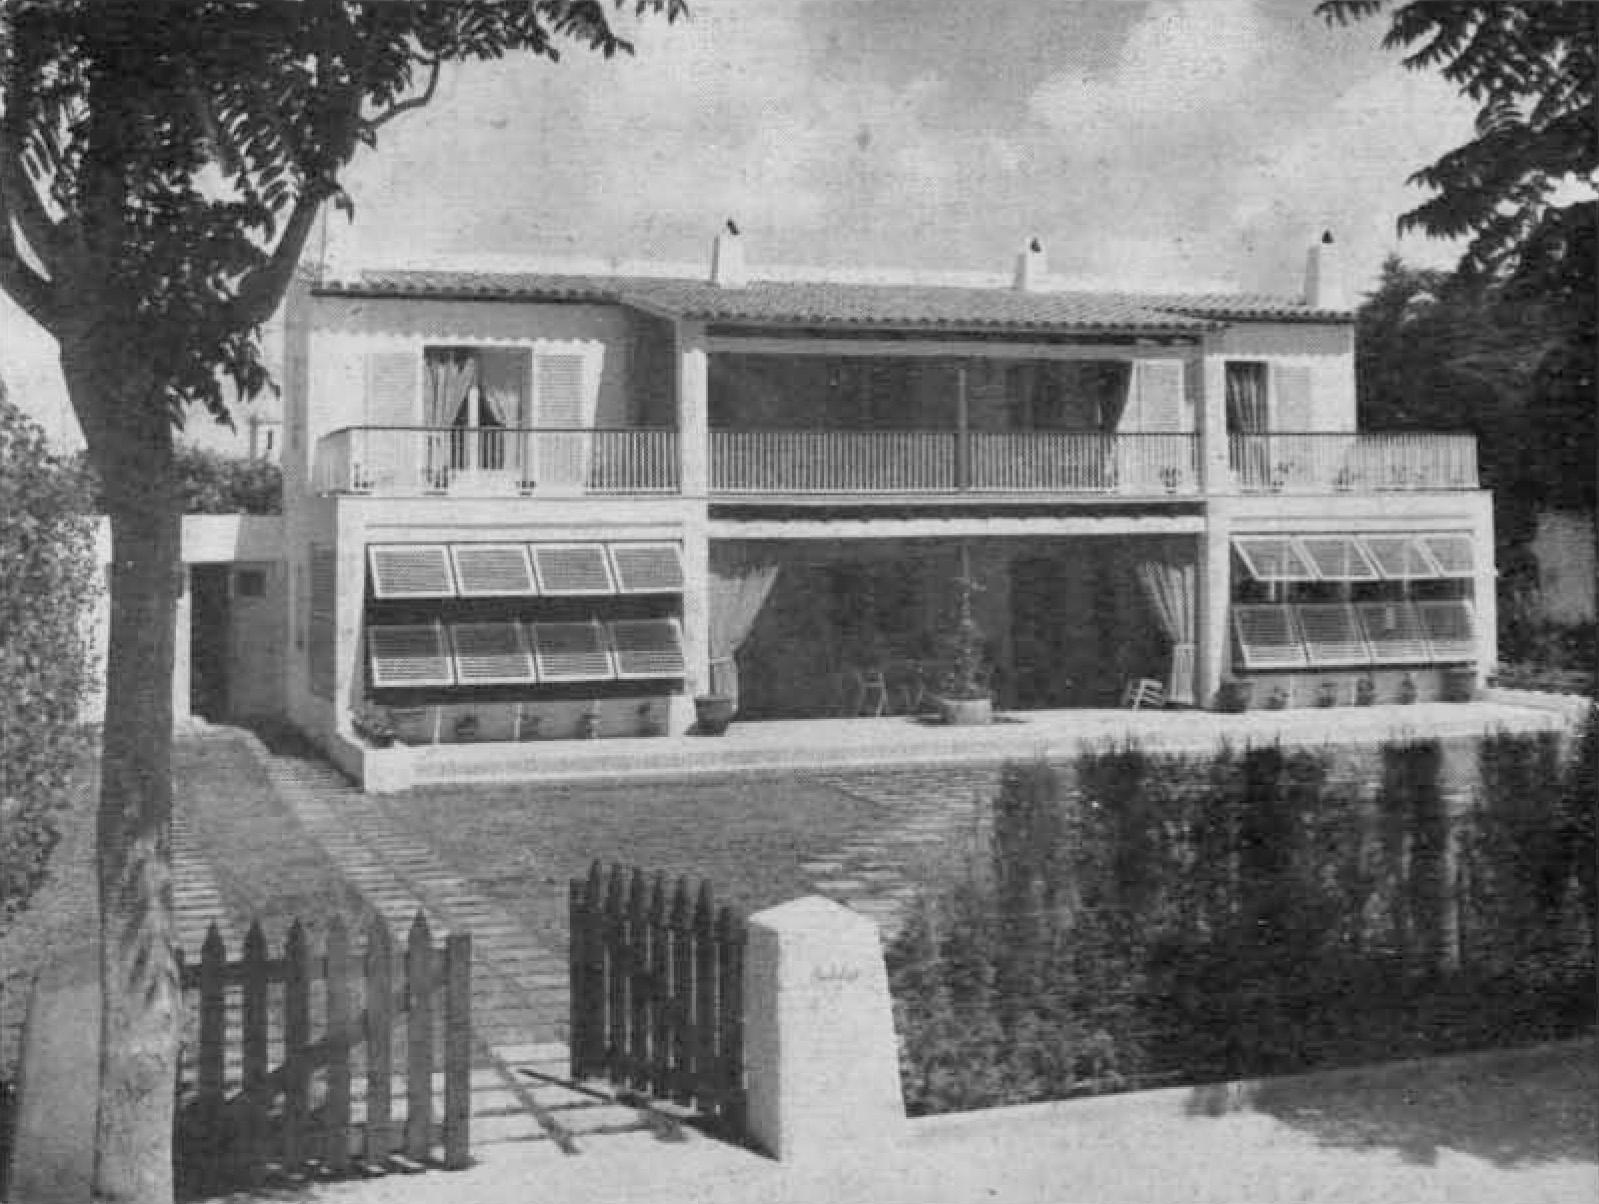 Vegaviana entre mosc y sao paulo la sencilla arquitectura de un peque o pueblo extreme o el - Arquitecto sitges ...